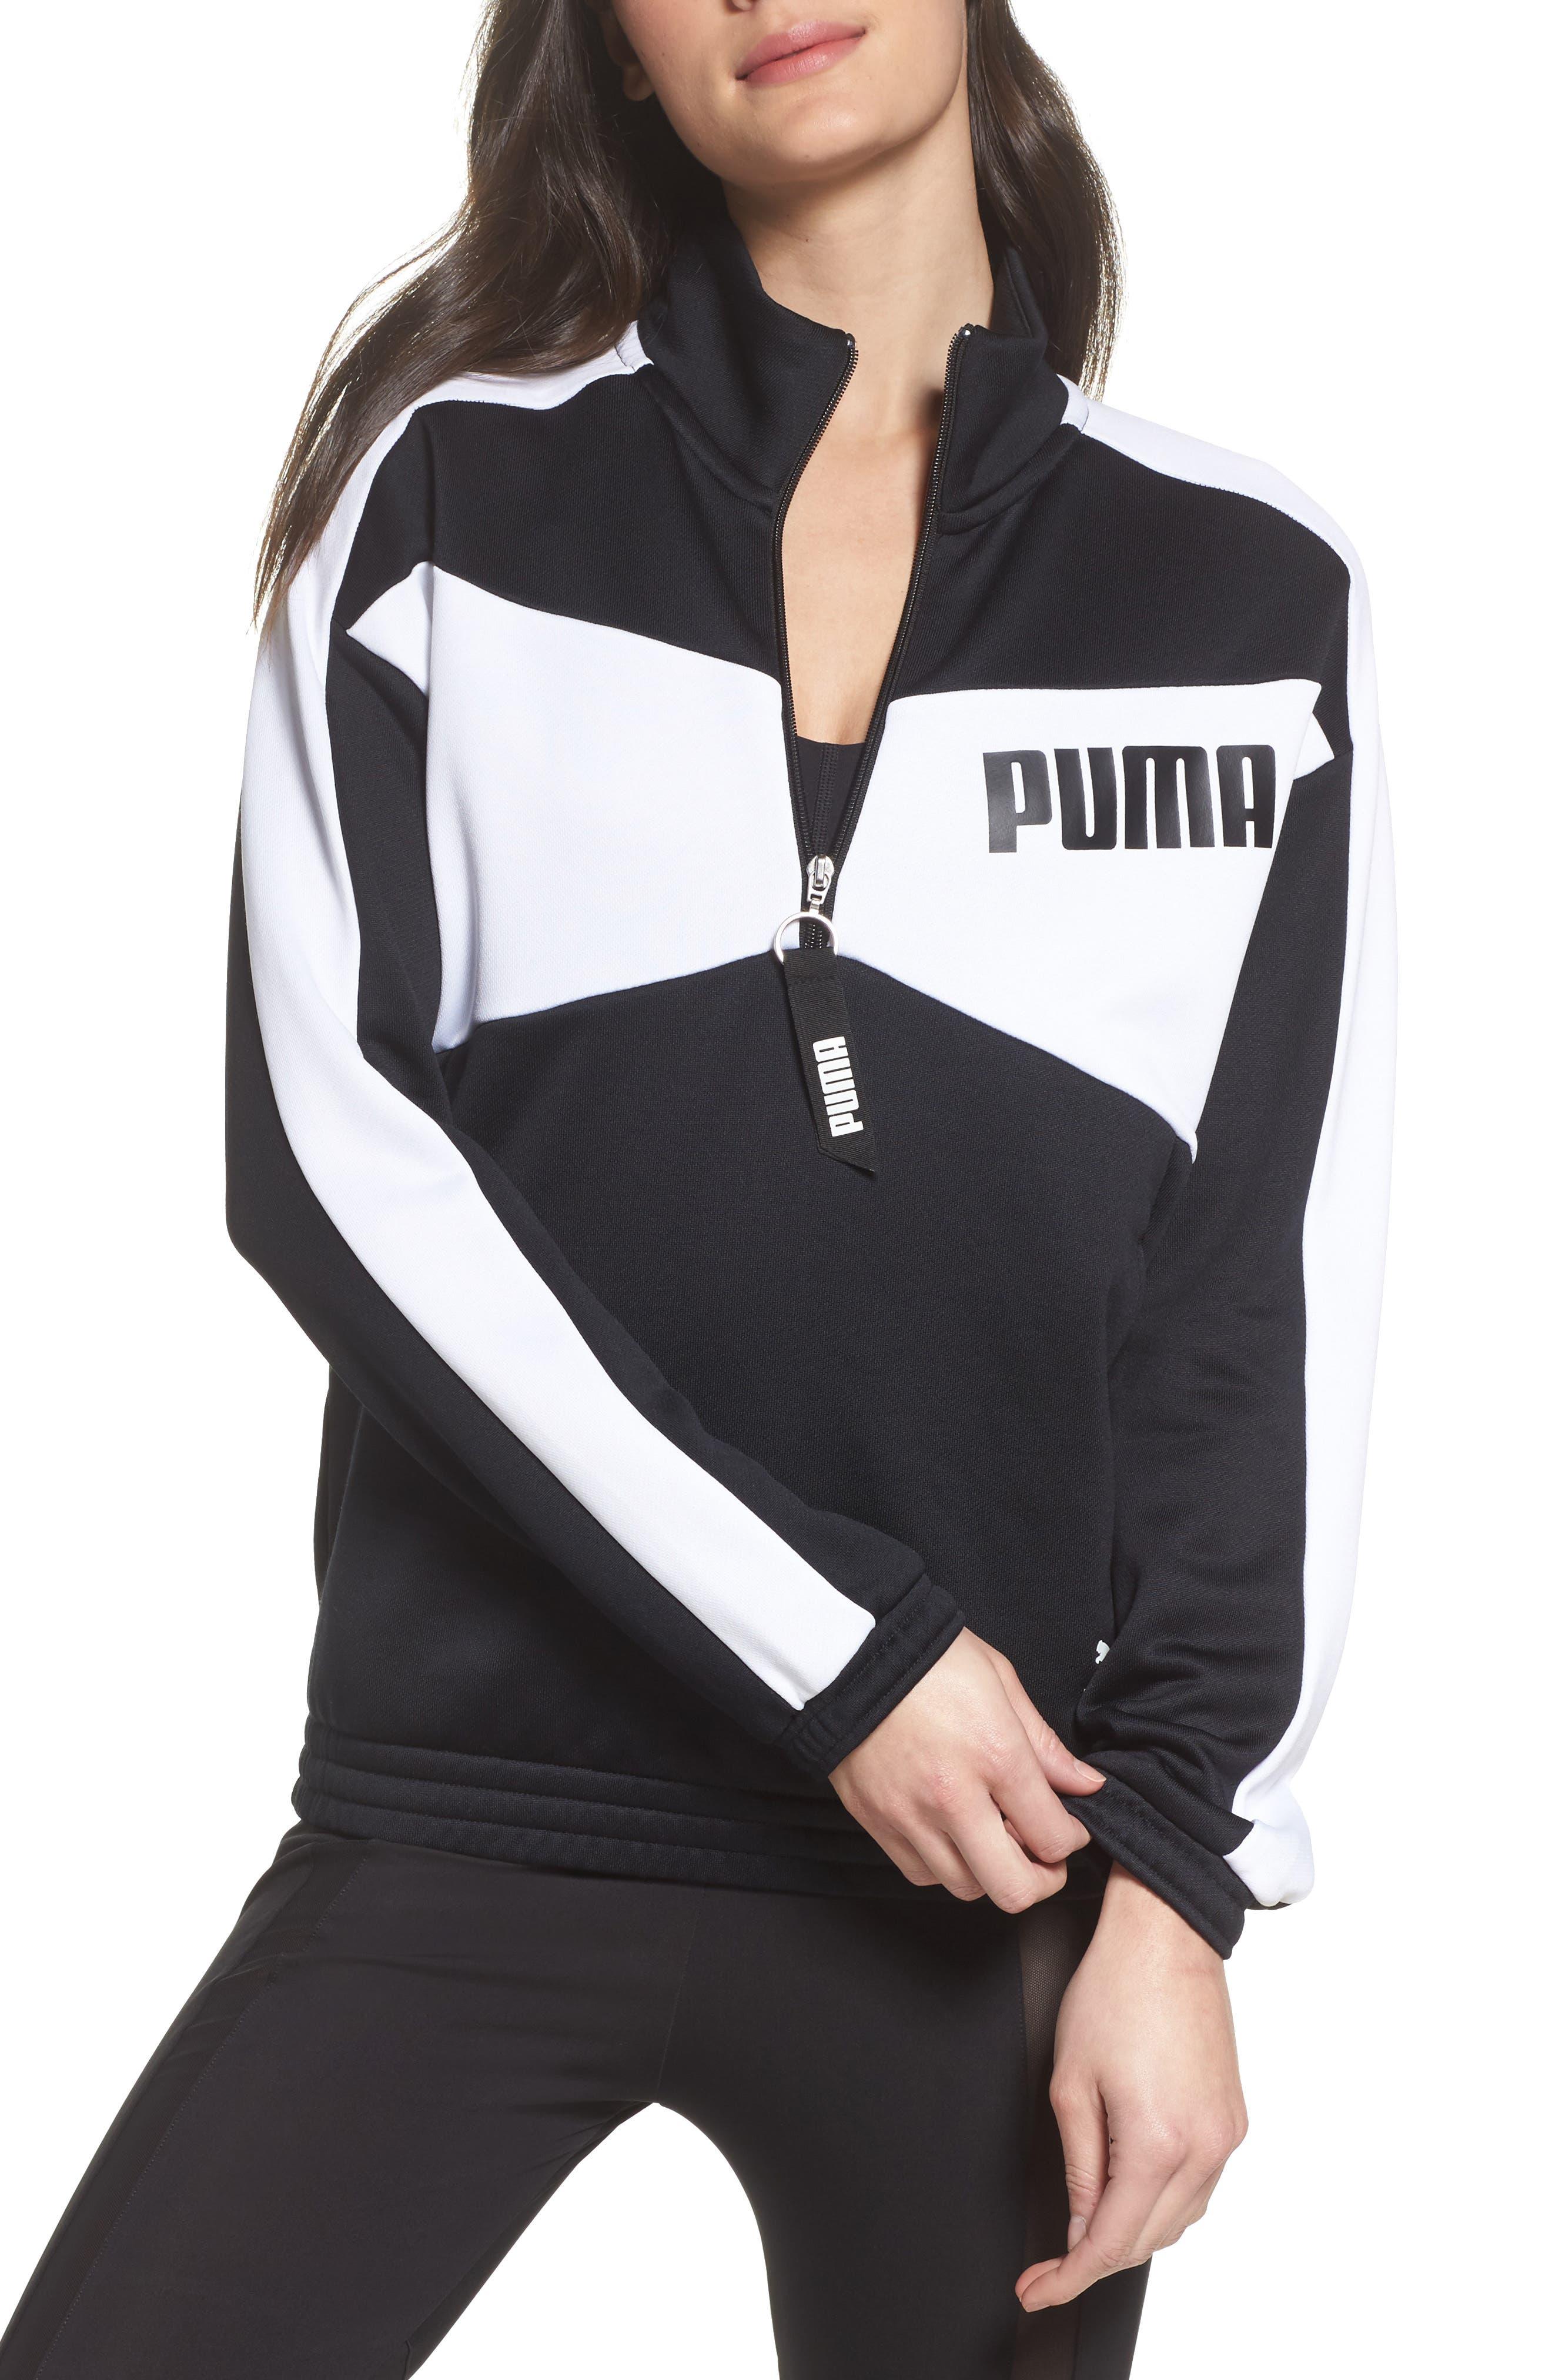 Puma Archive T7 Half Zip Pullover